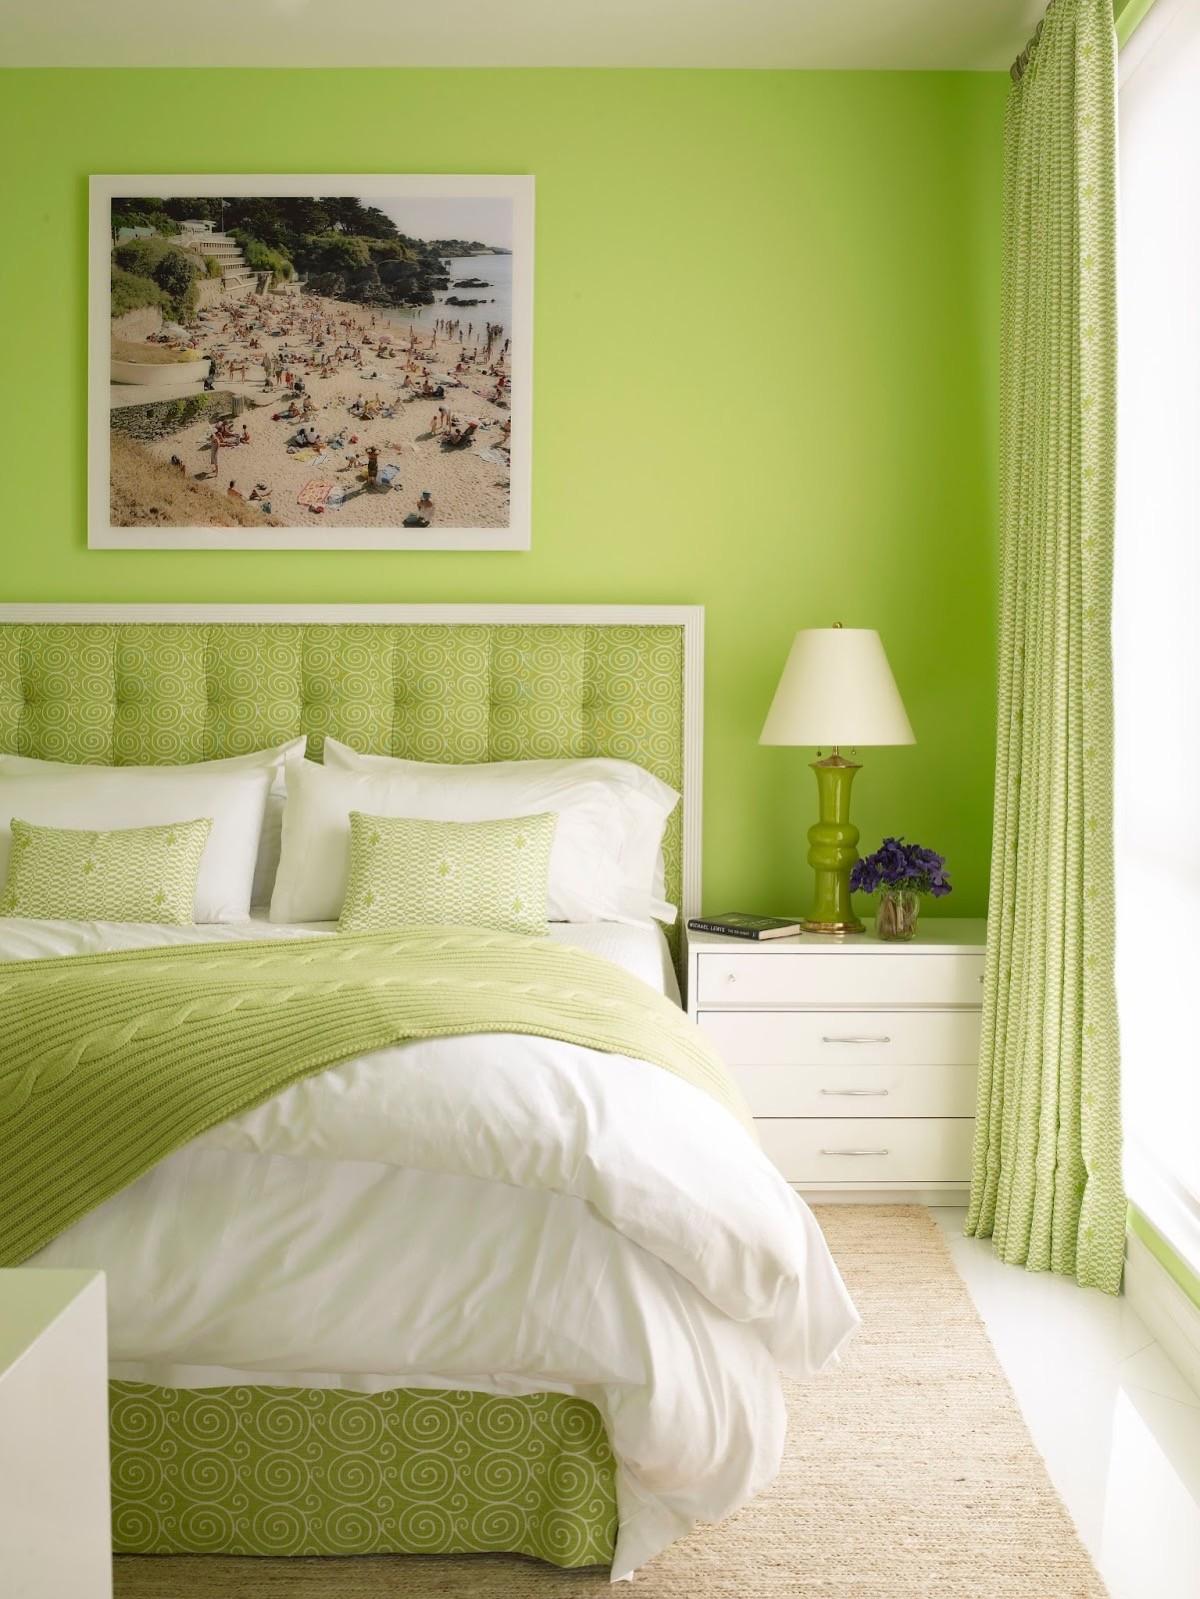 بالصور غرف نوم باللون الأخضر- الأخضر التفاحي